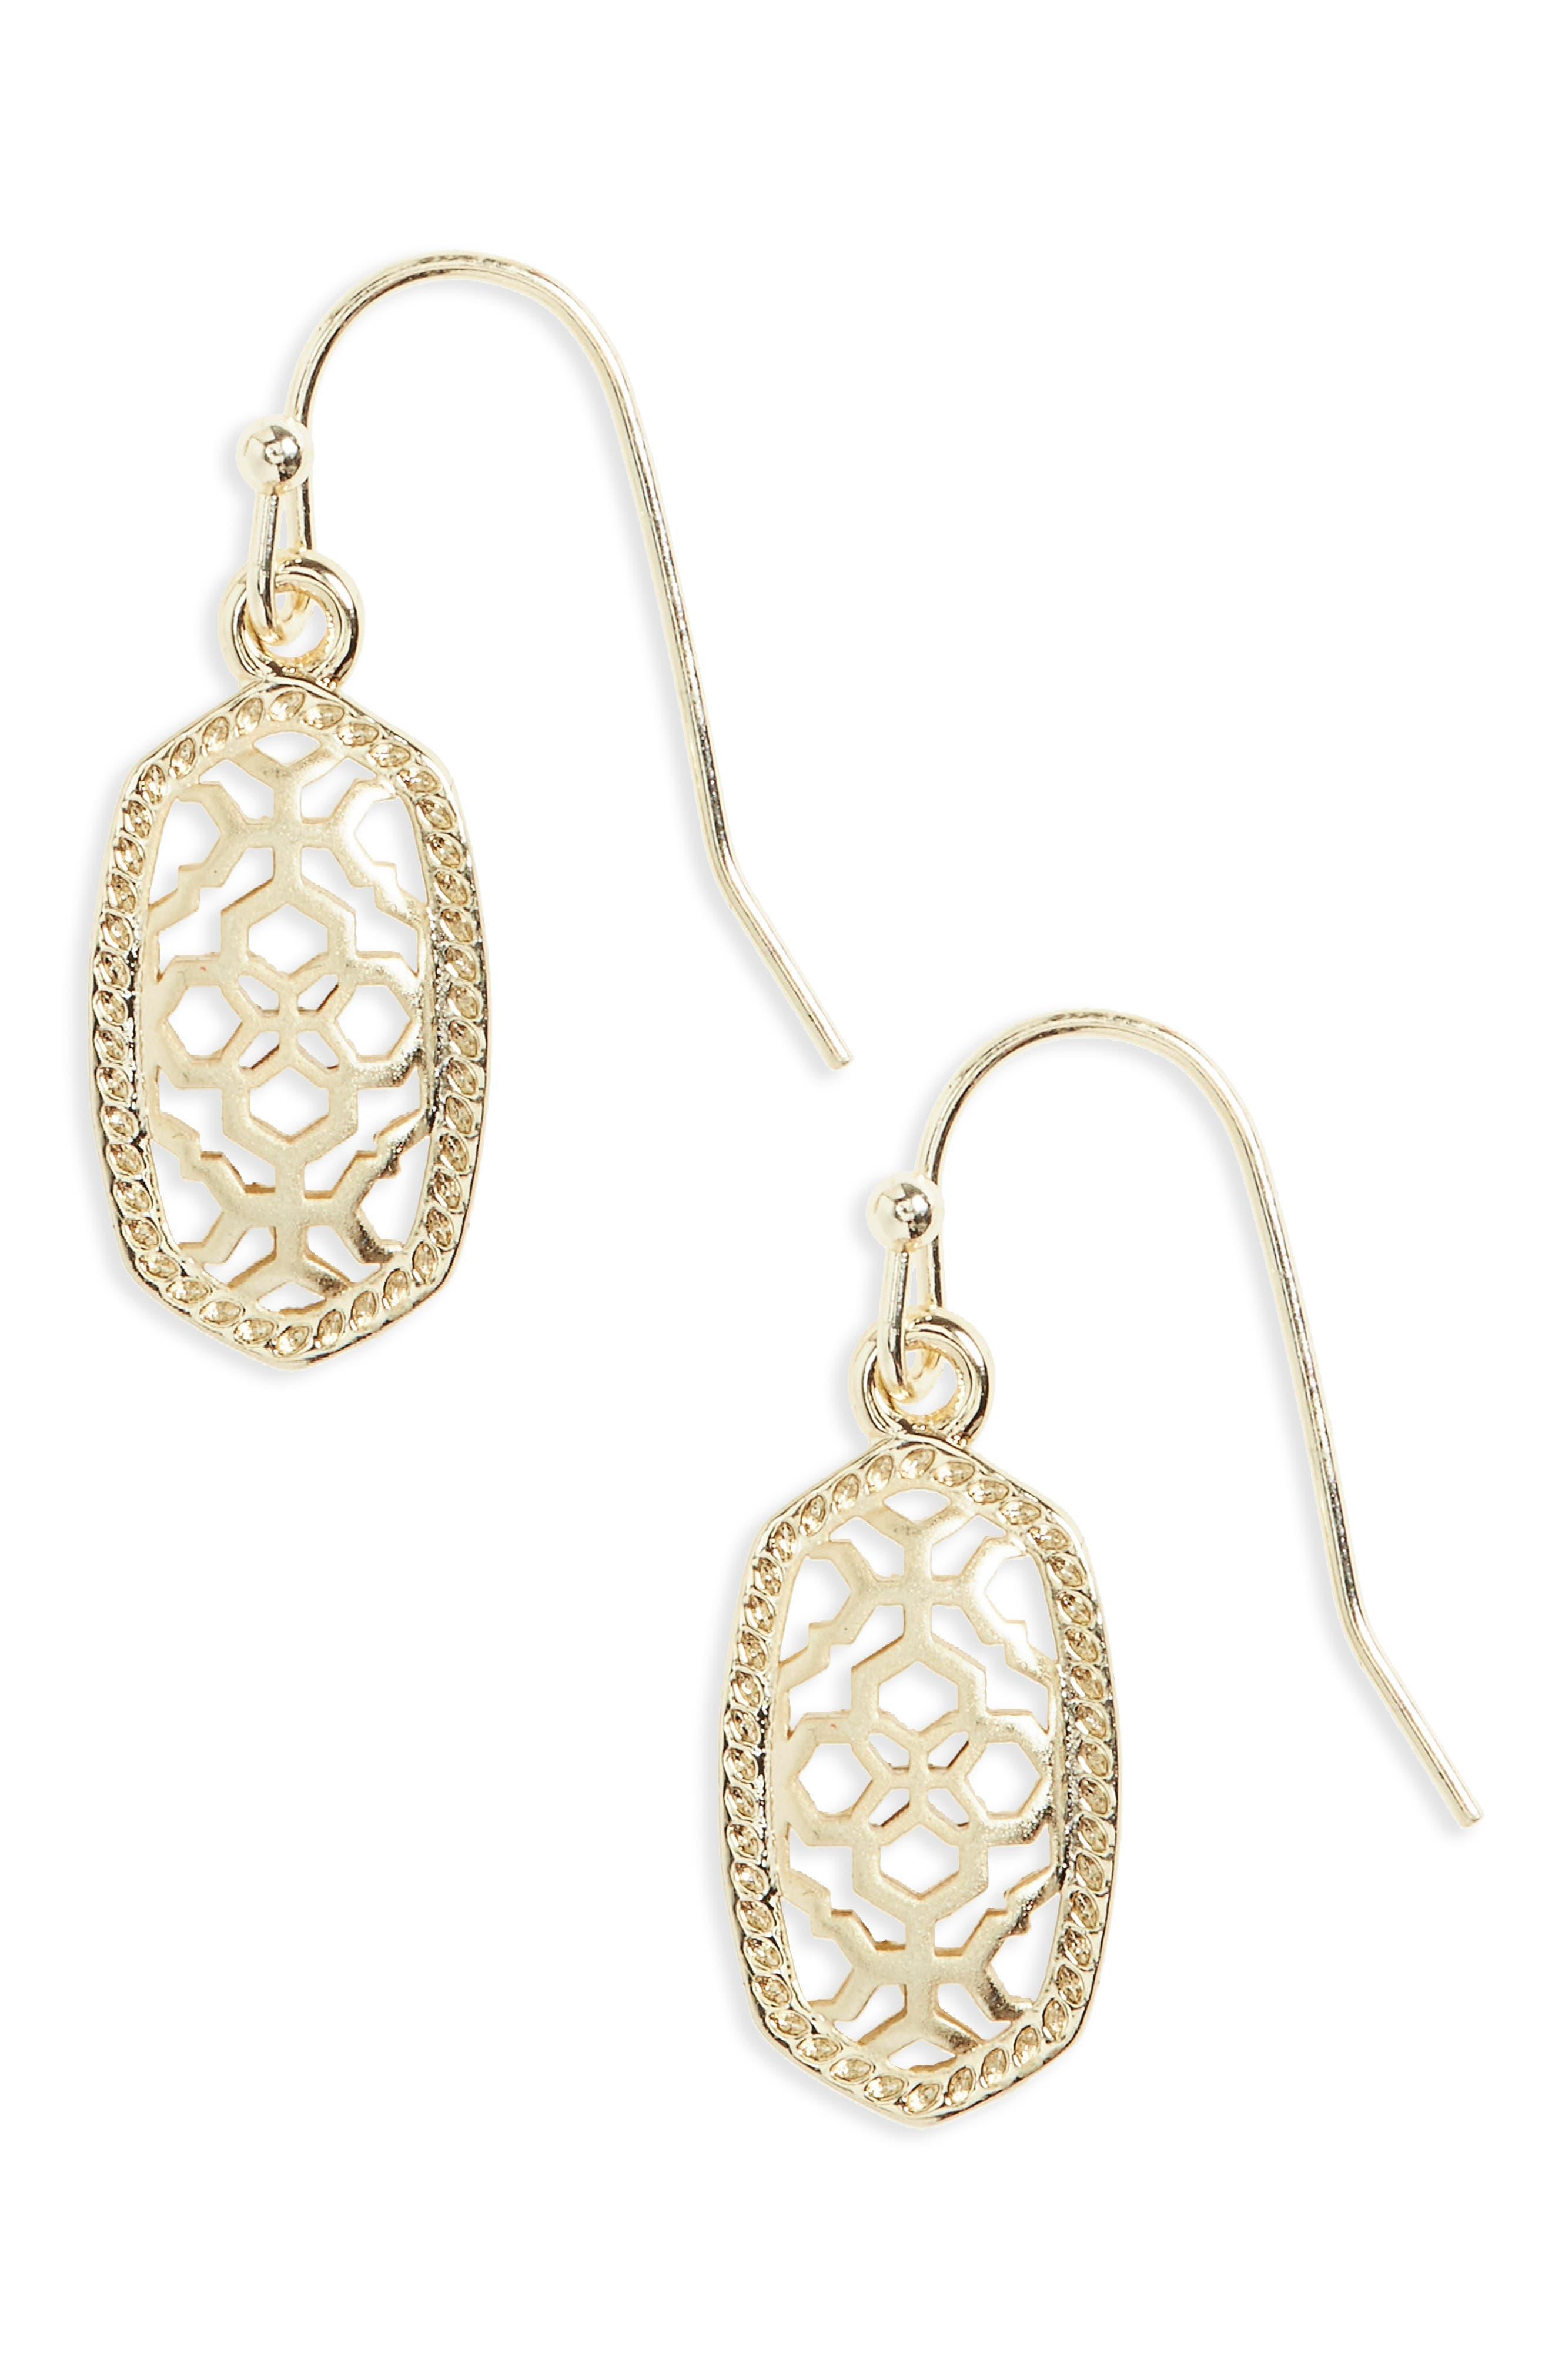 Lee Small Drop Earrings,                         Main,                         color, Gold Metal Filigree